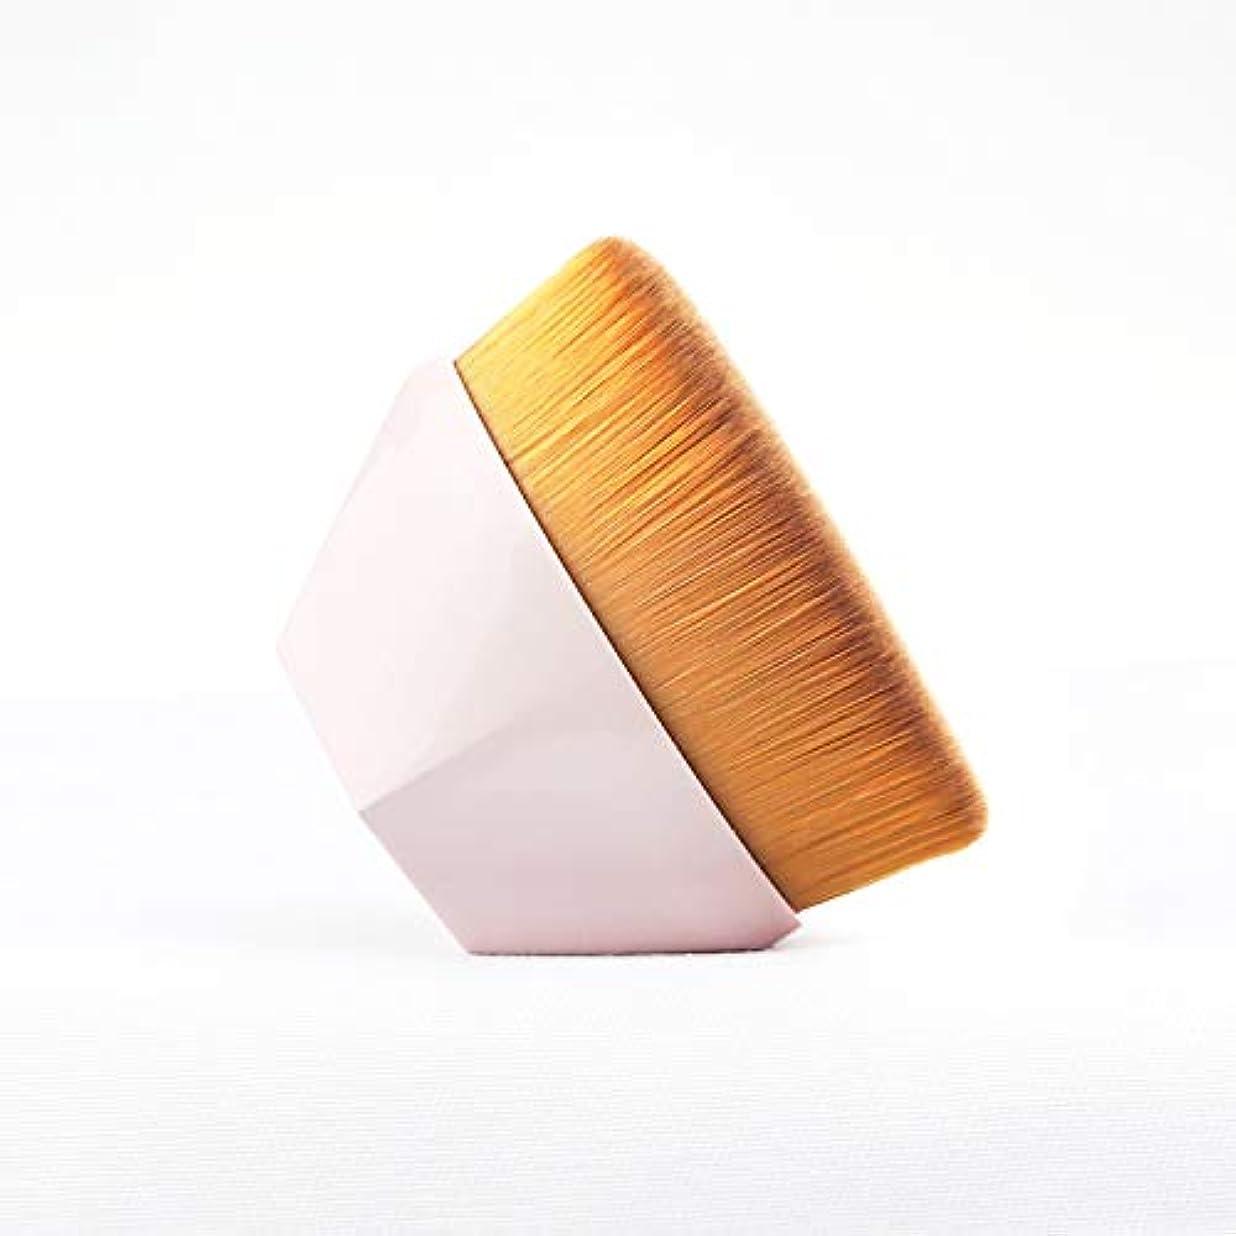 アプトフィヨルド漂流ファンデーション ブラシ 高密度合成毛 ベース ブラシ ピンク